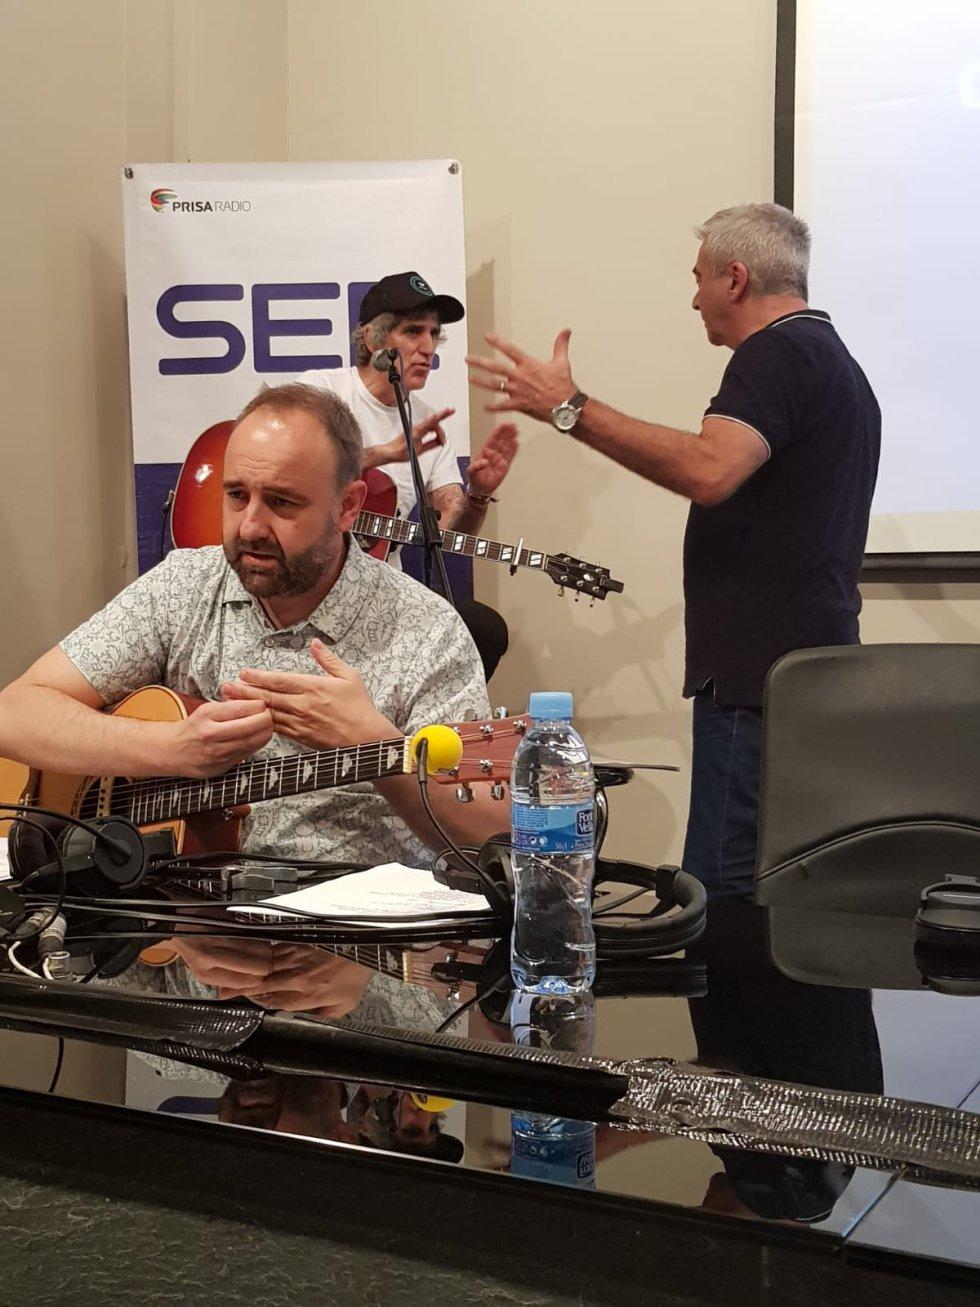 Carles Francino habla con Mikel Erentxun. En primer plano, Iñaki De la Torre probando